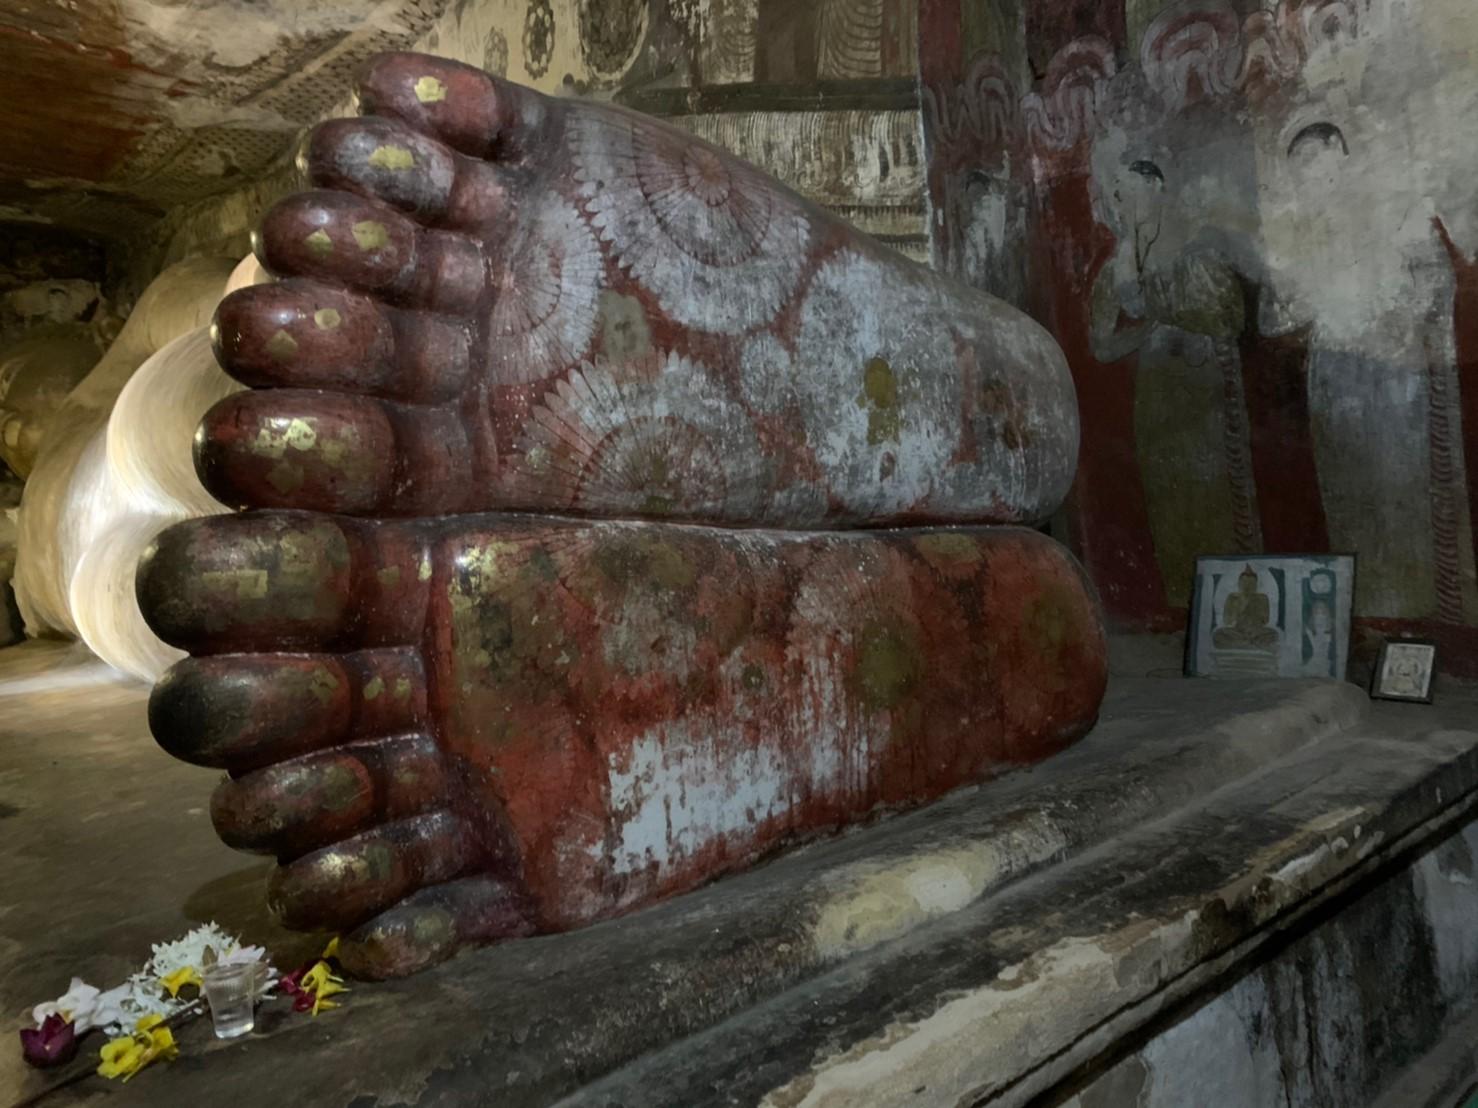 ダンブッラ石窟寺院の第1窟の石像の足